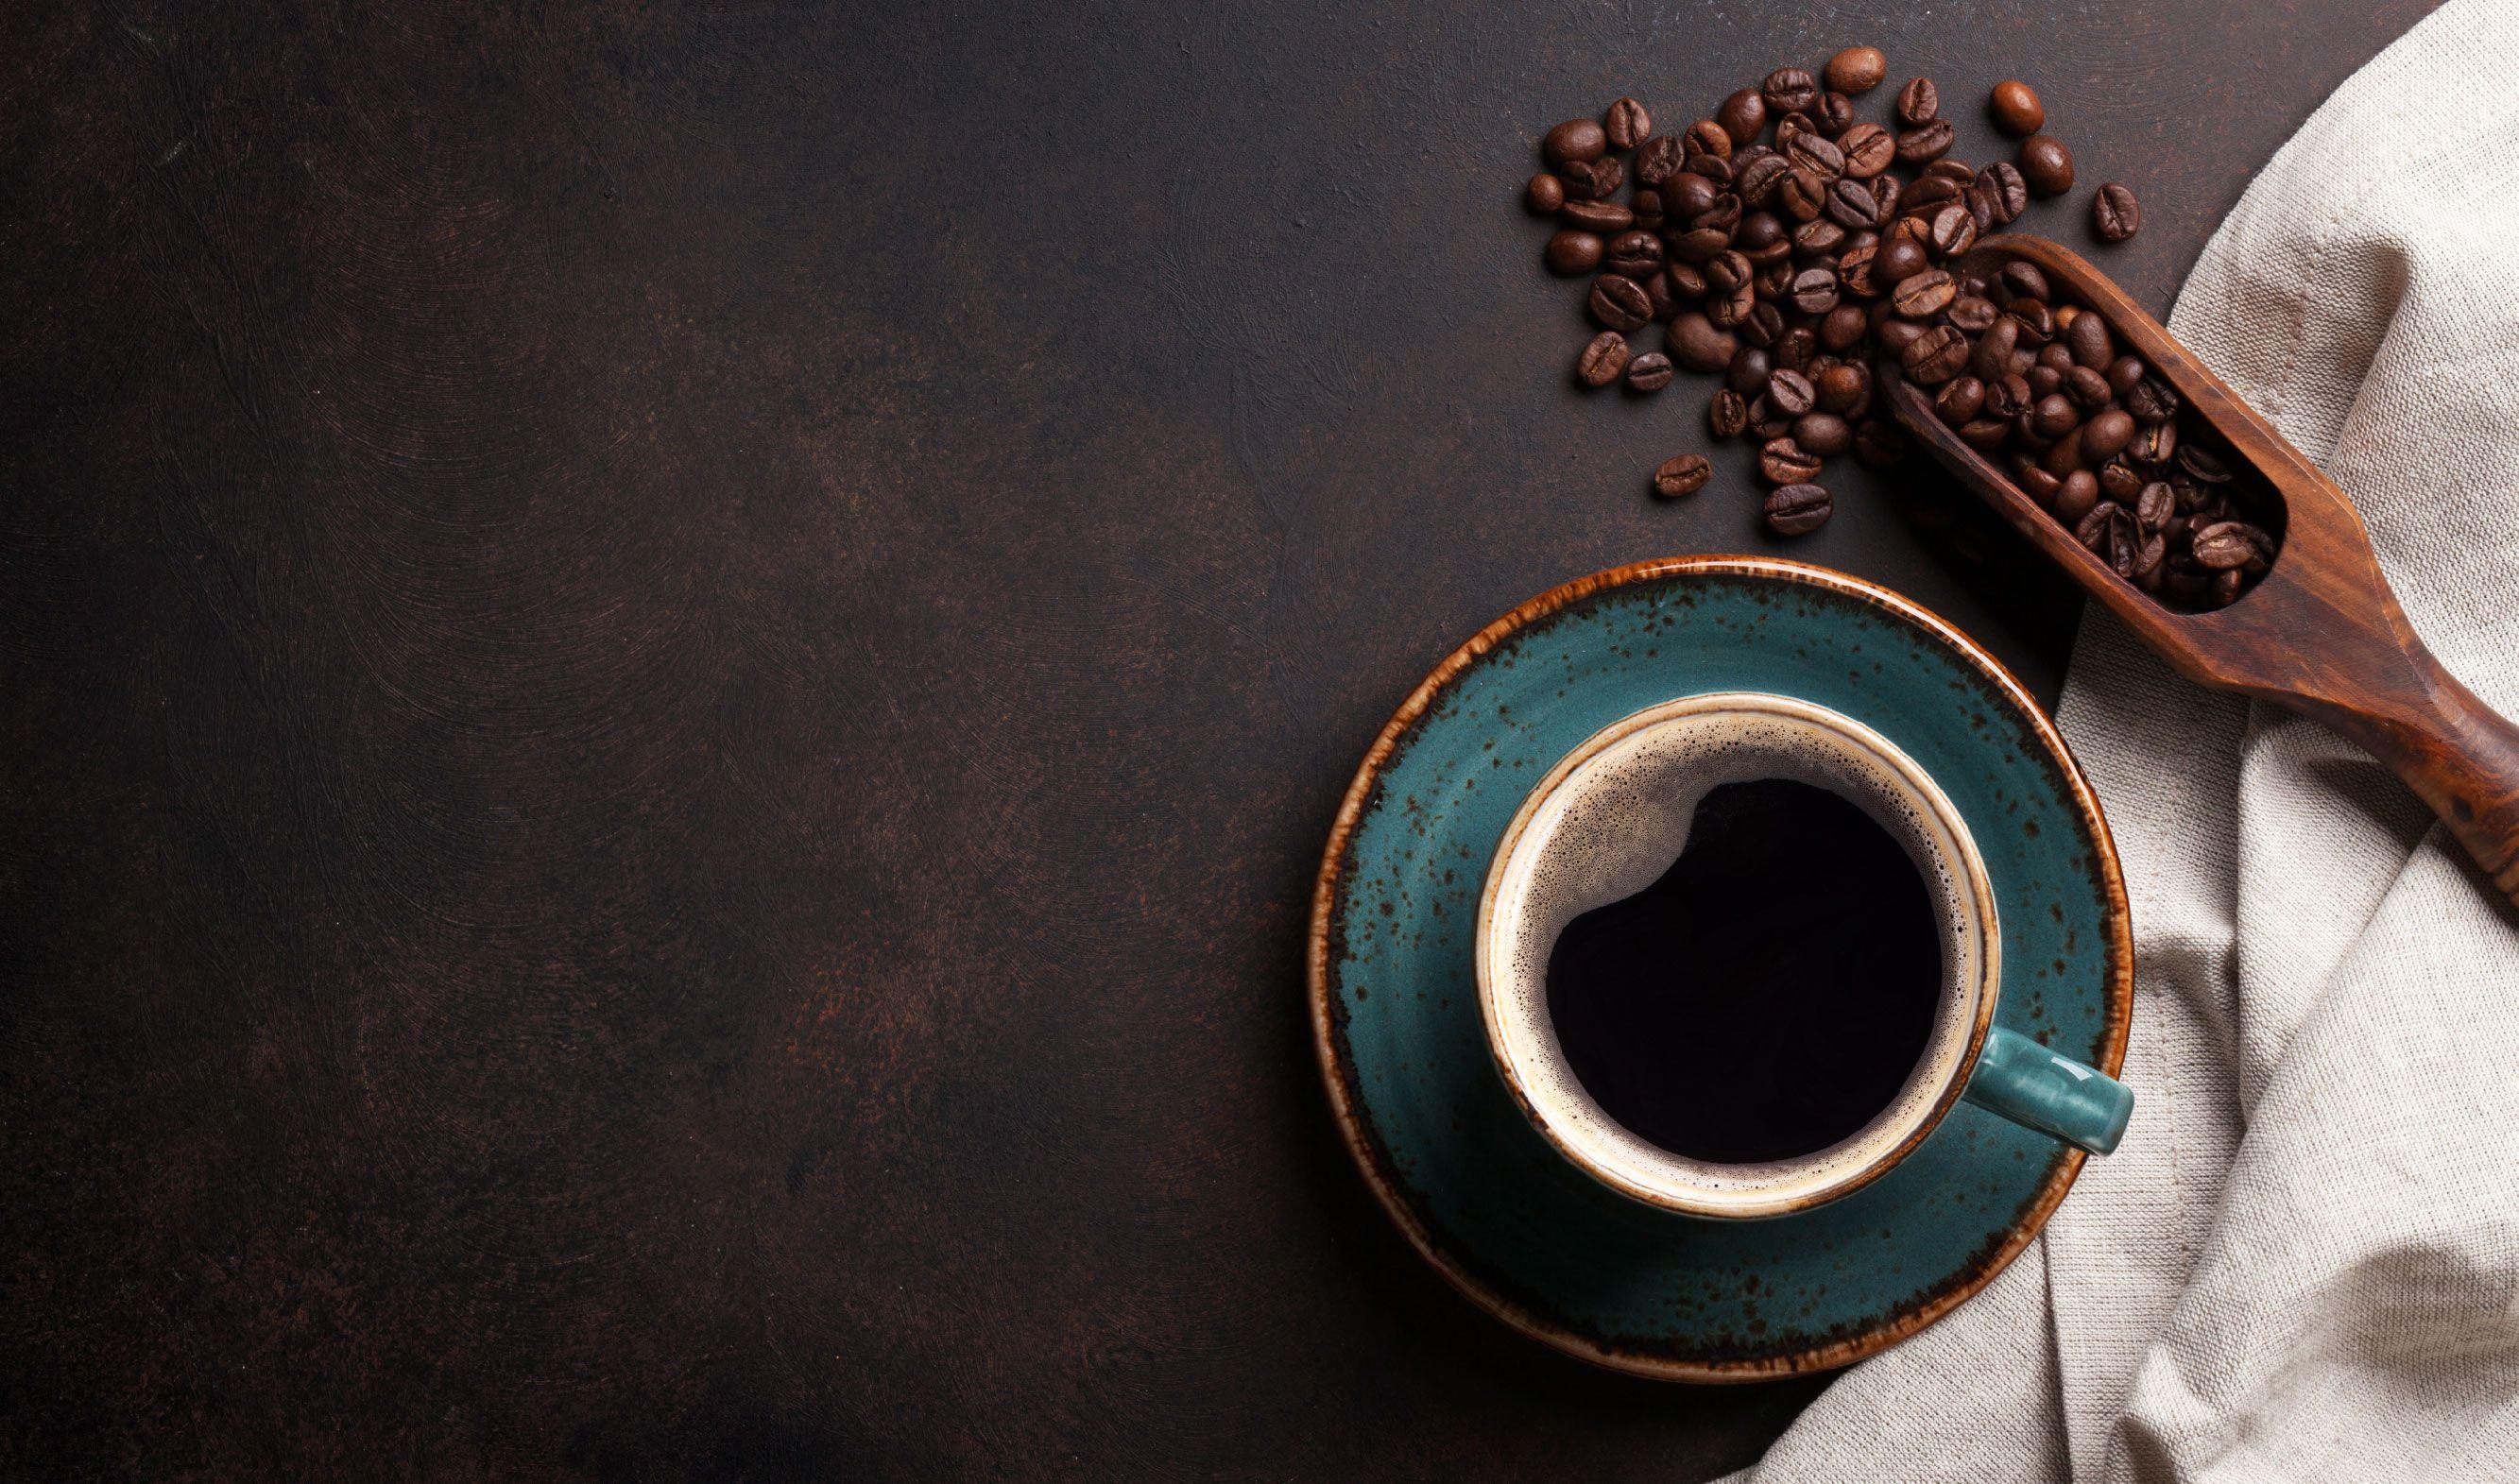 قهوه چیست؟ چگونه تولید می شود؟ انواع قهوه؟